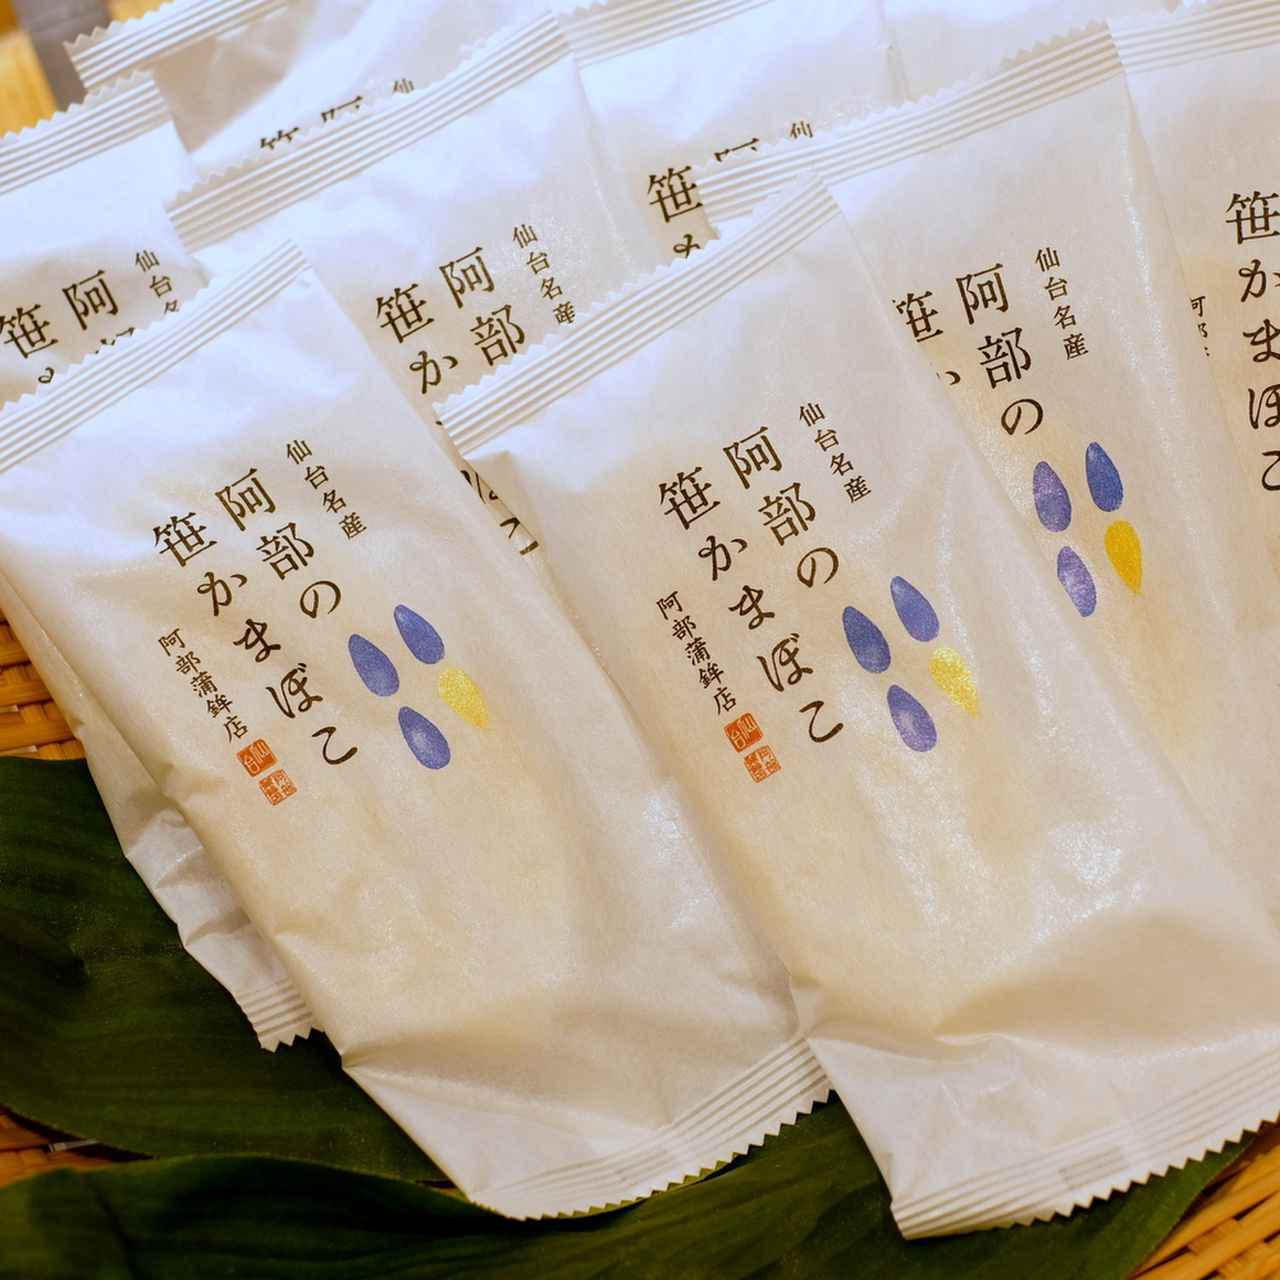 画像: 店内では様々なかまぼこが販売されています。阿部蒲鉾店が命名したという「笹かまぼこ」」は仙台の三大グルメのひとつ。